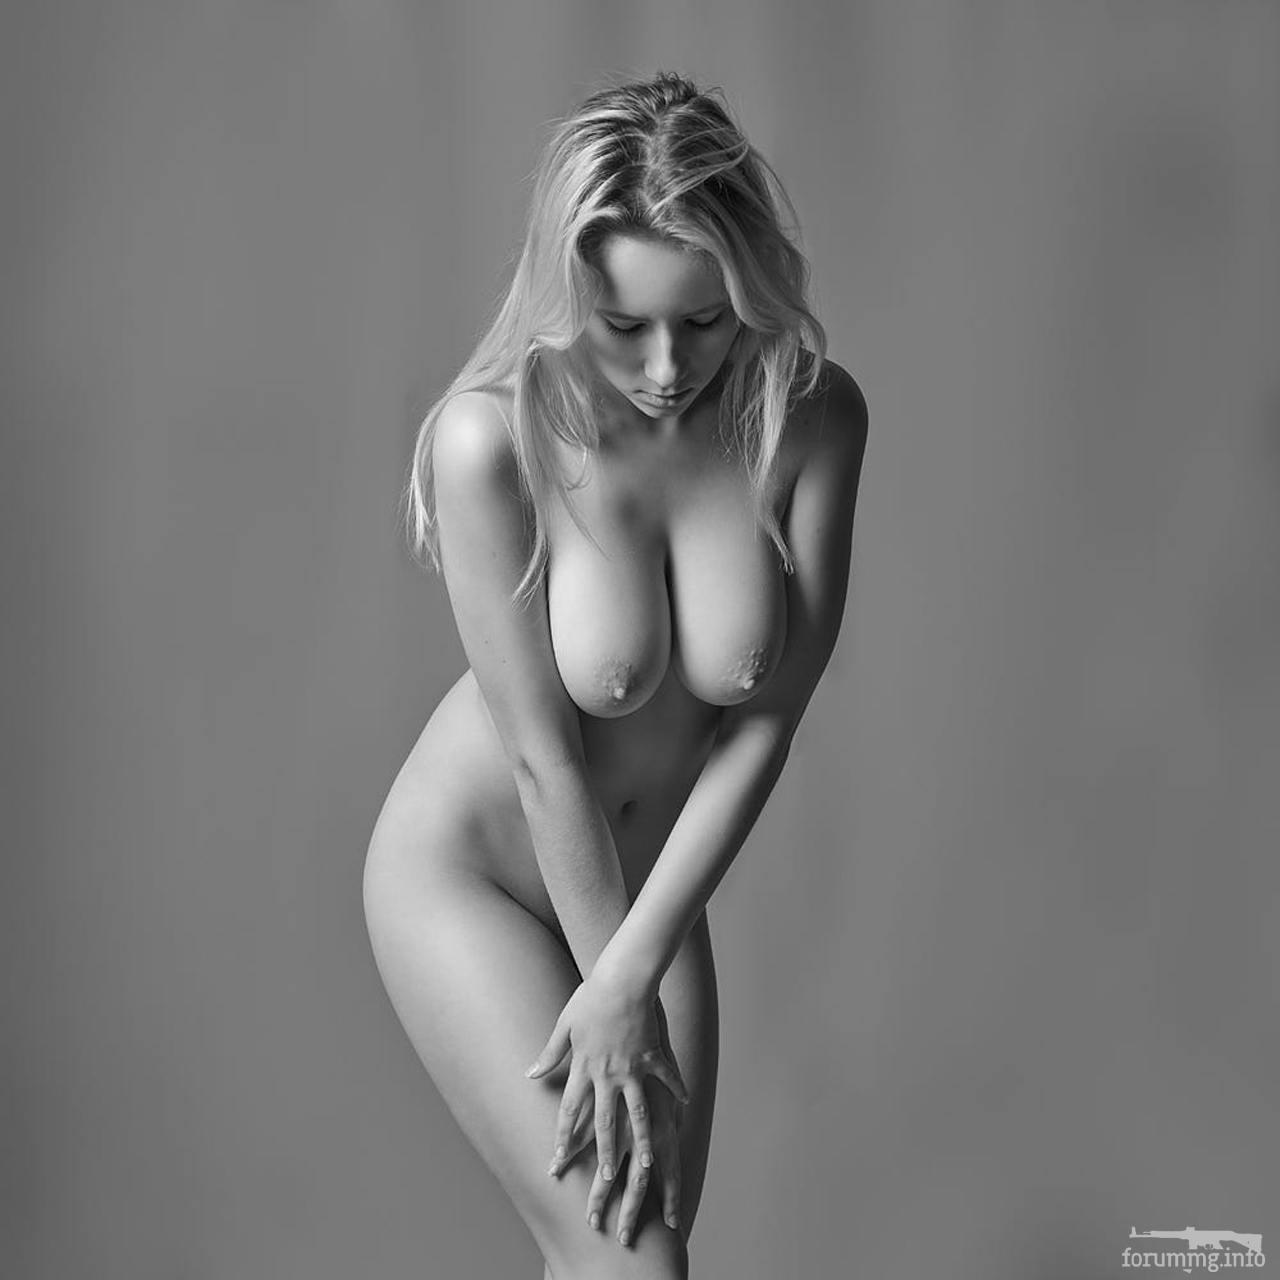 124437 - Красивые женщины